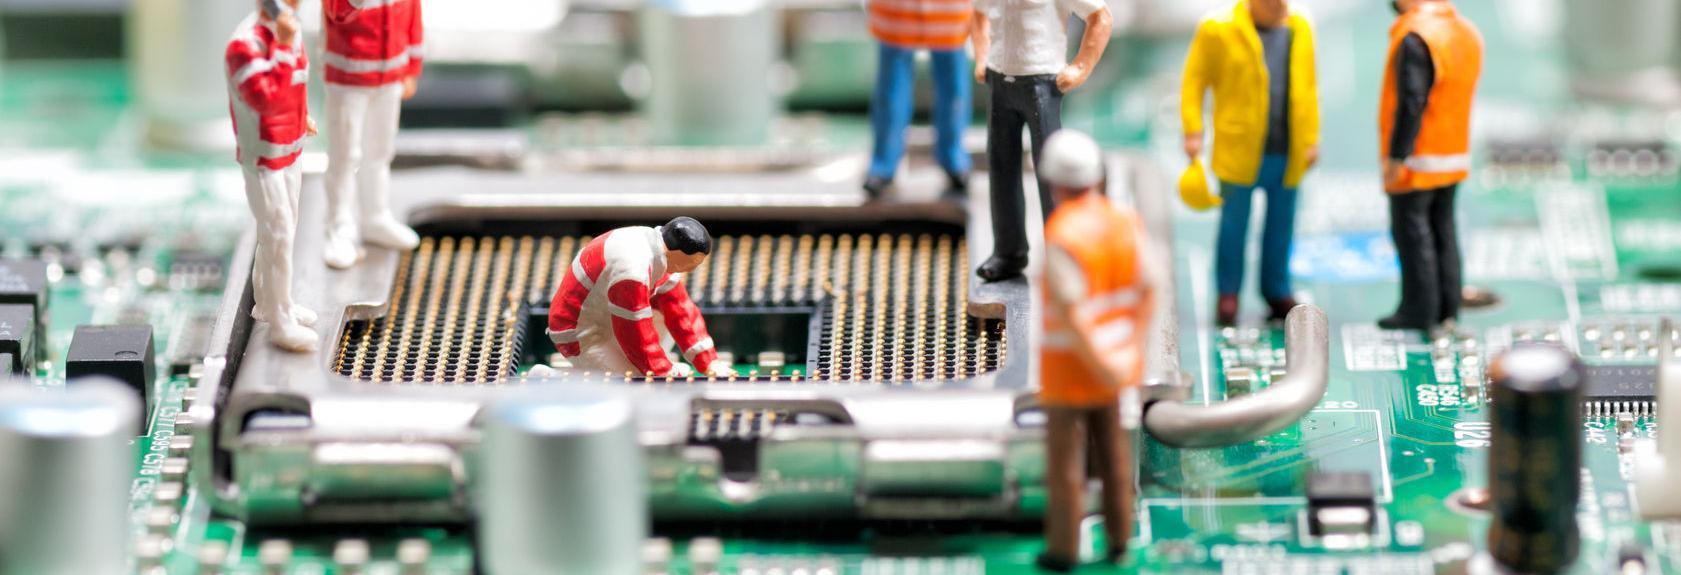 Sterba Computer Repair banner Santa Rosa, CA